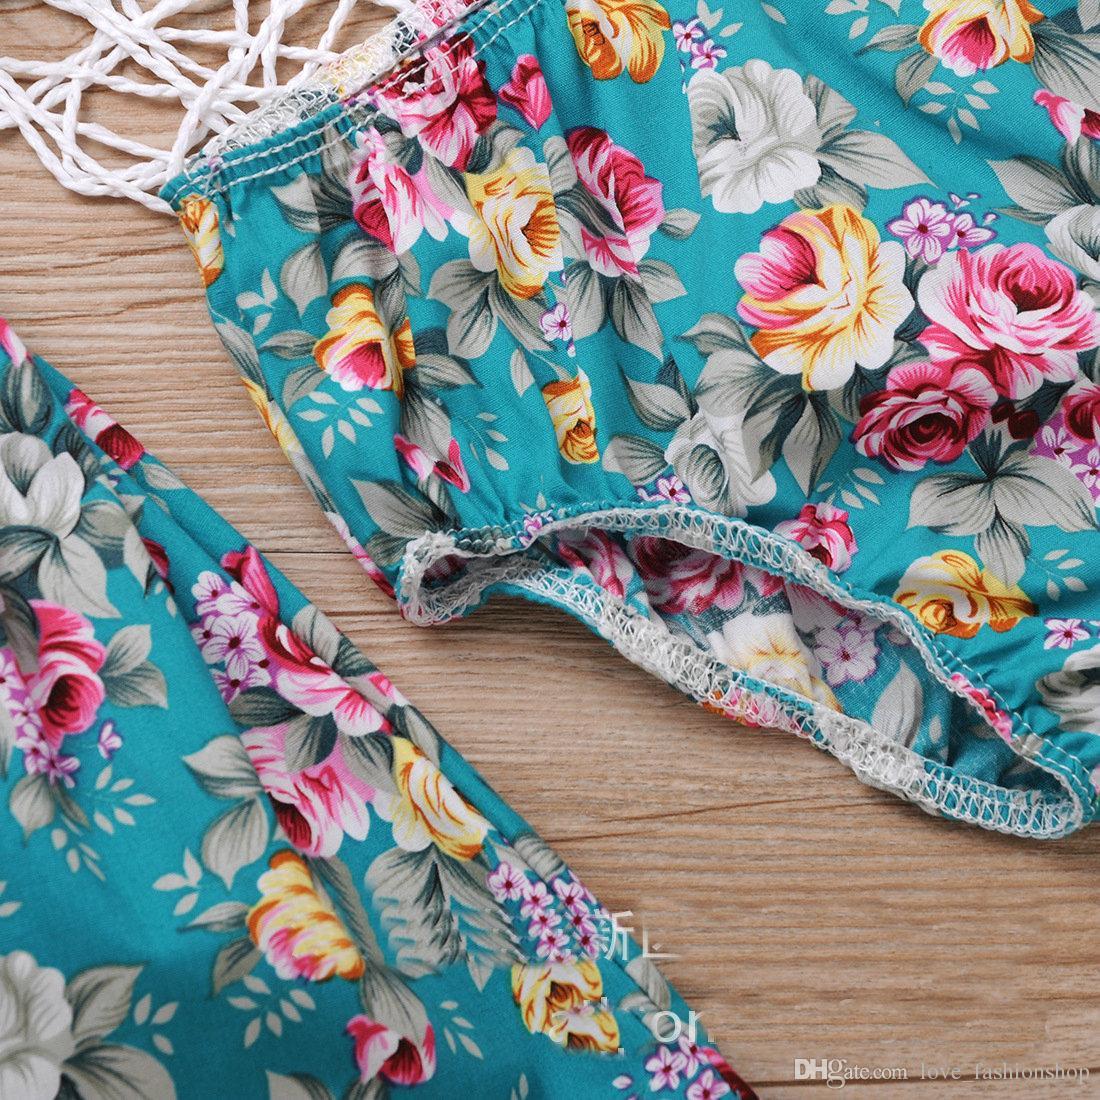 Varejo Do Bebê Meninas Vestidos Florais Duas Peças Set Vestido De Algodão + roupas íntimas Meninas vestido de praia Roupa Dos Miúdos Crianças Roupas